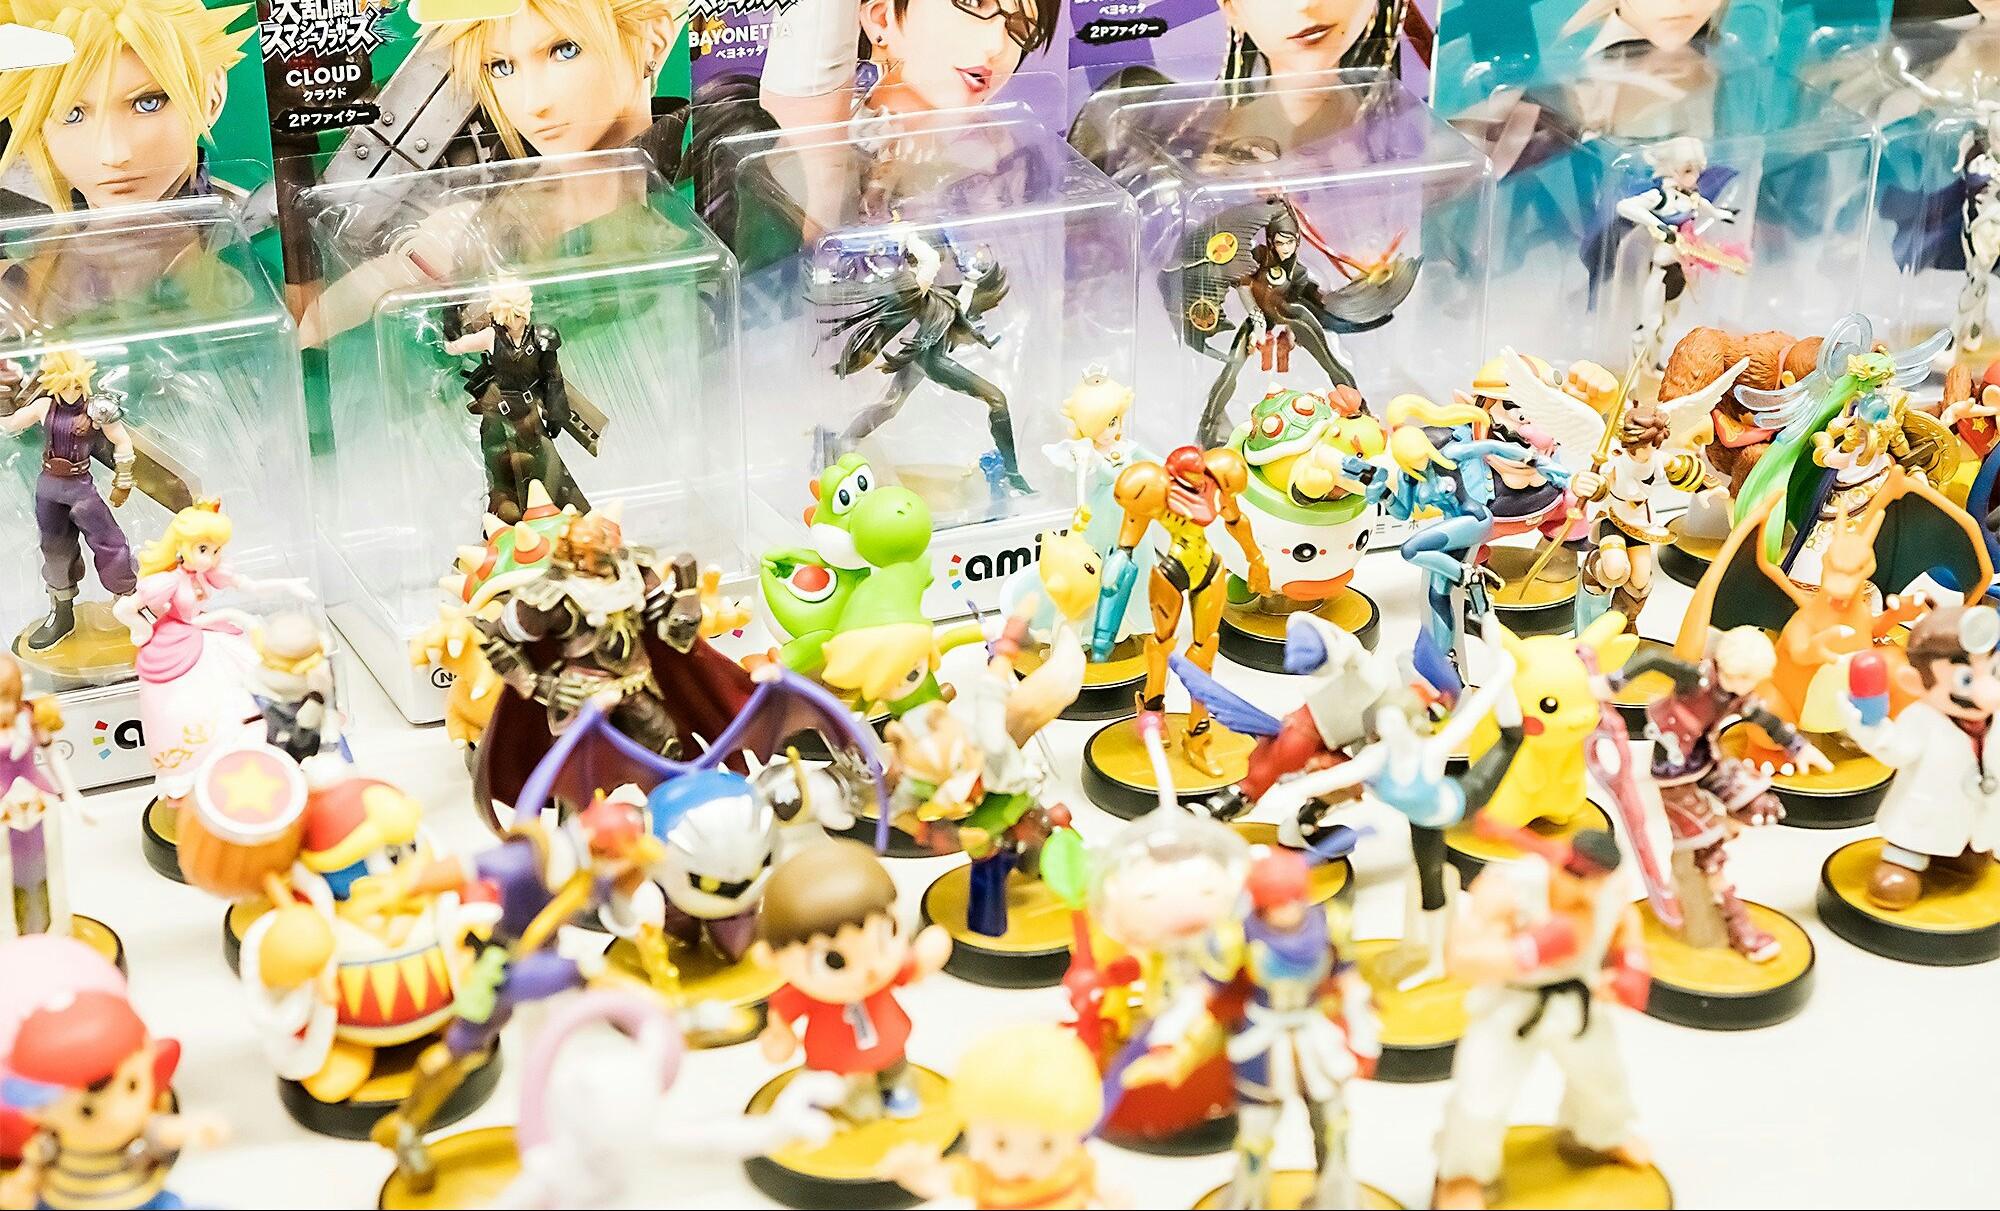 Mais de 50 milhões de amiibo já foram vendidos em todo o mundo; Linha Nintendo Classics já somam 10 milhões de unidades